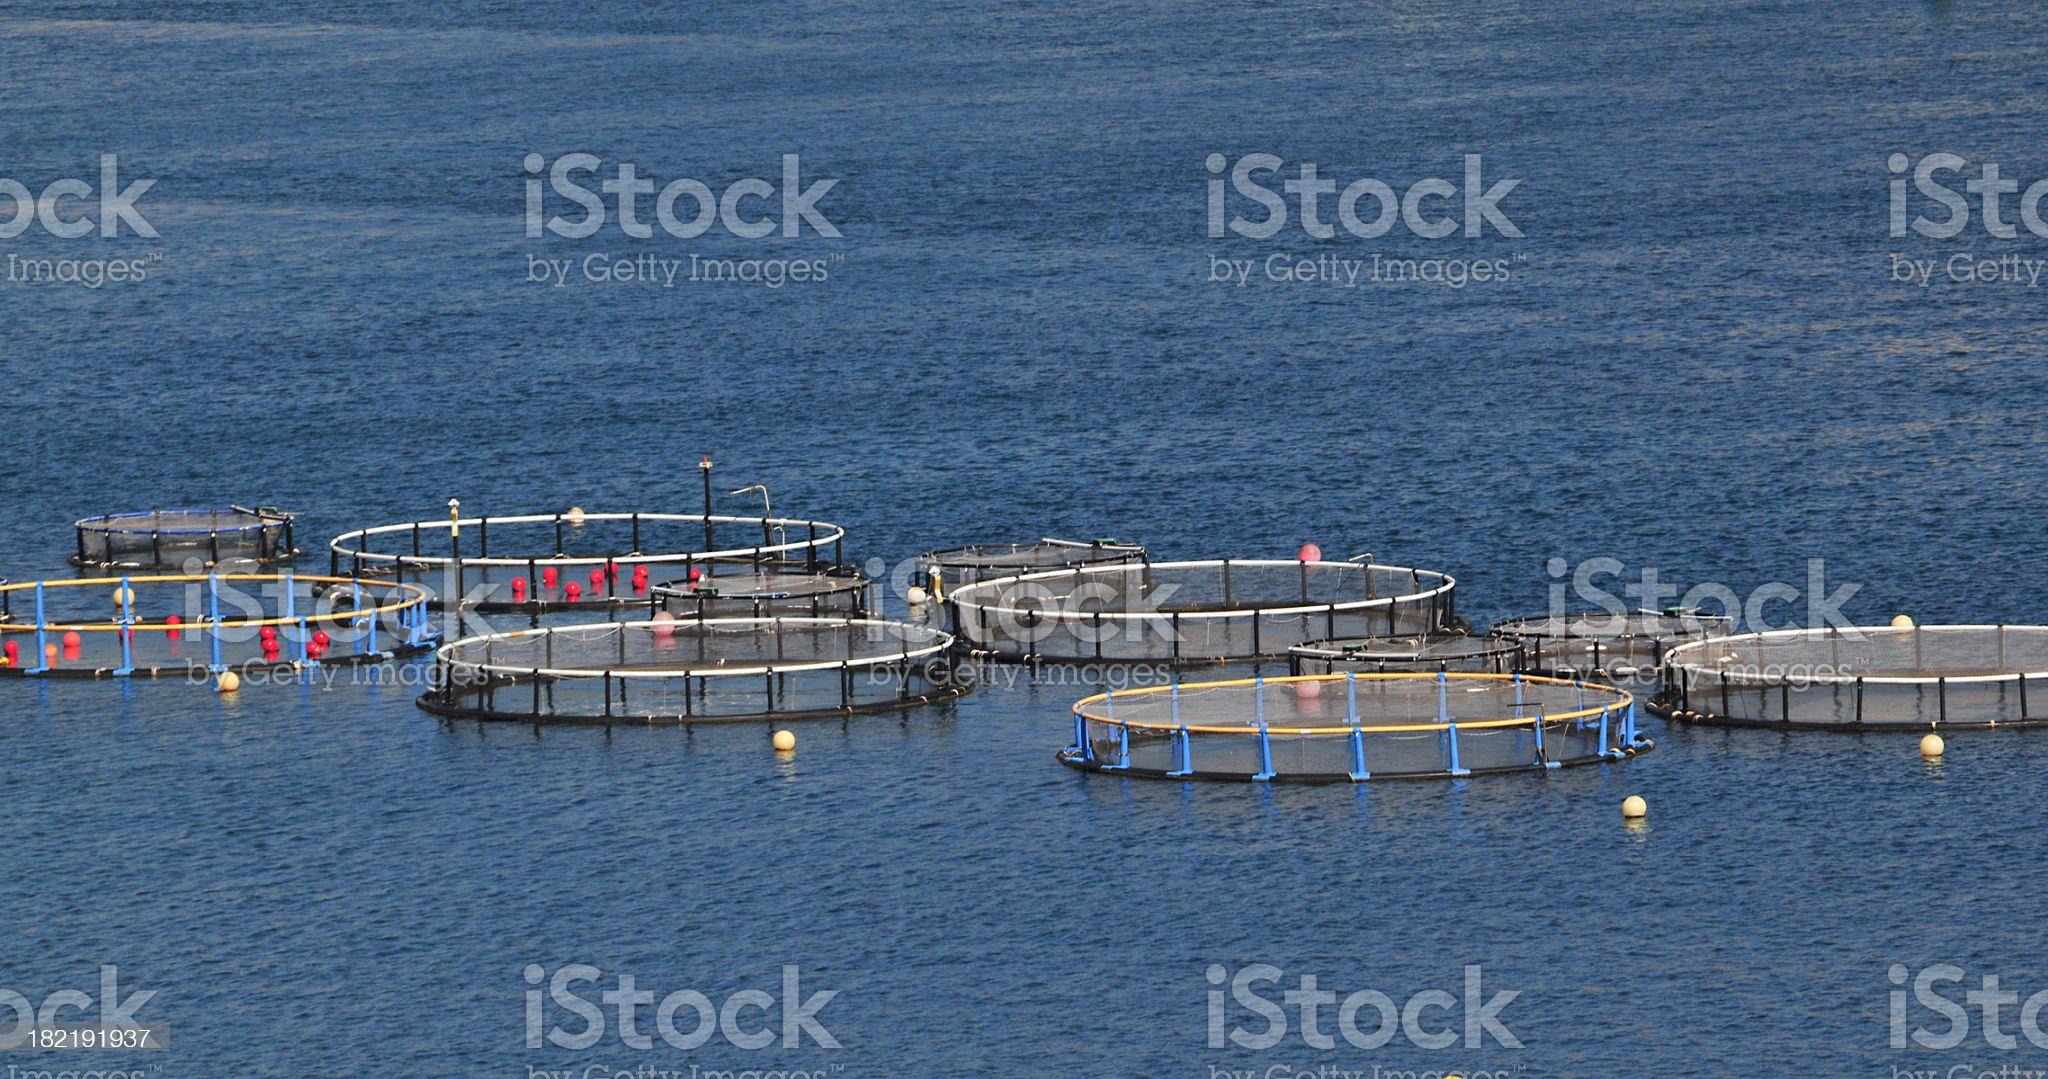 Fish Farm royalty-free stock photo